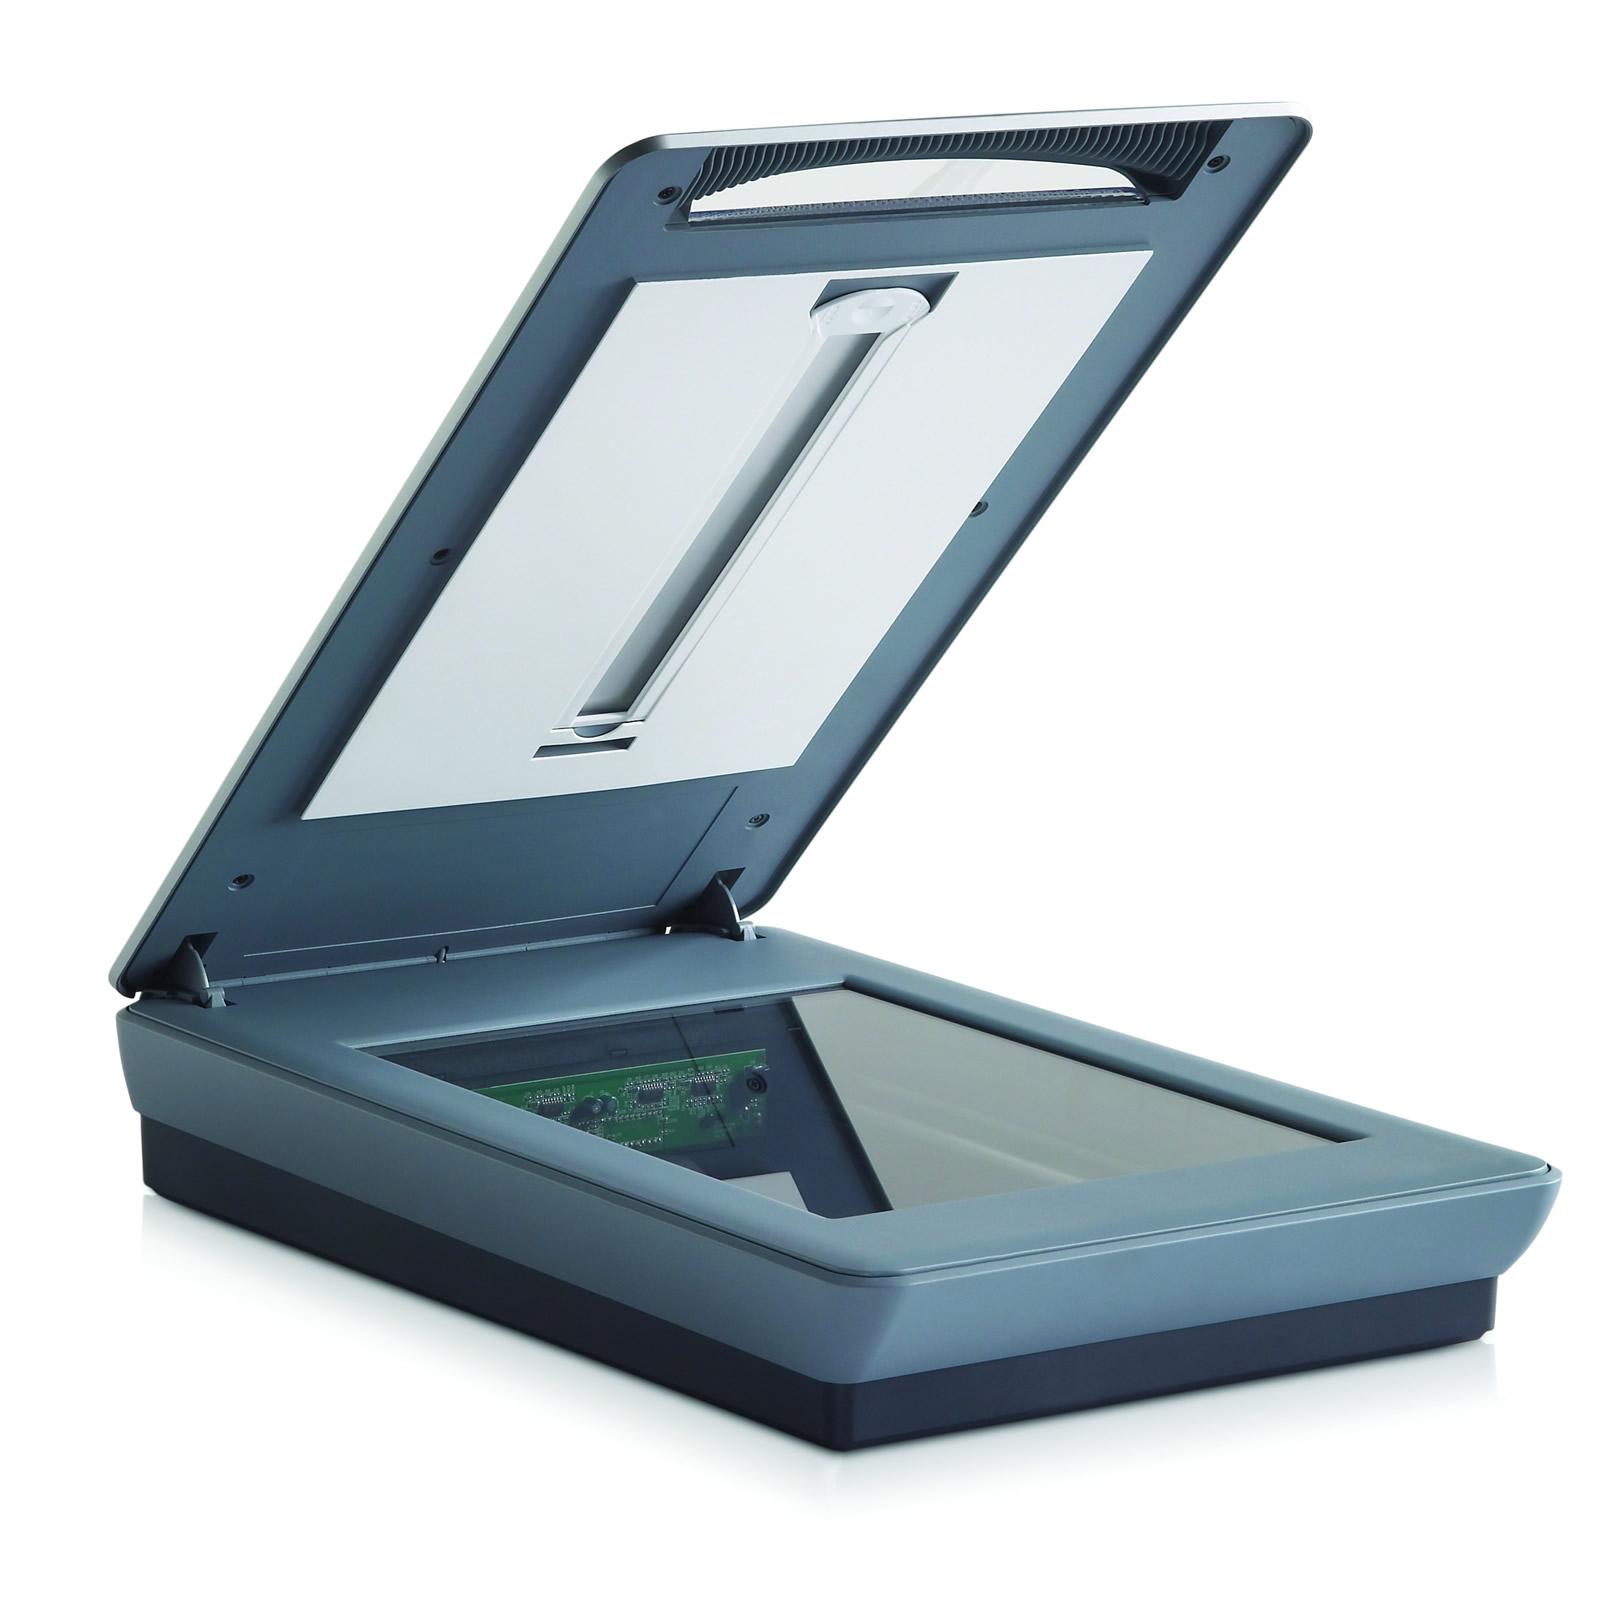 Hp scanjet 4850 software download & scanner driver